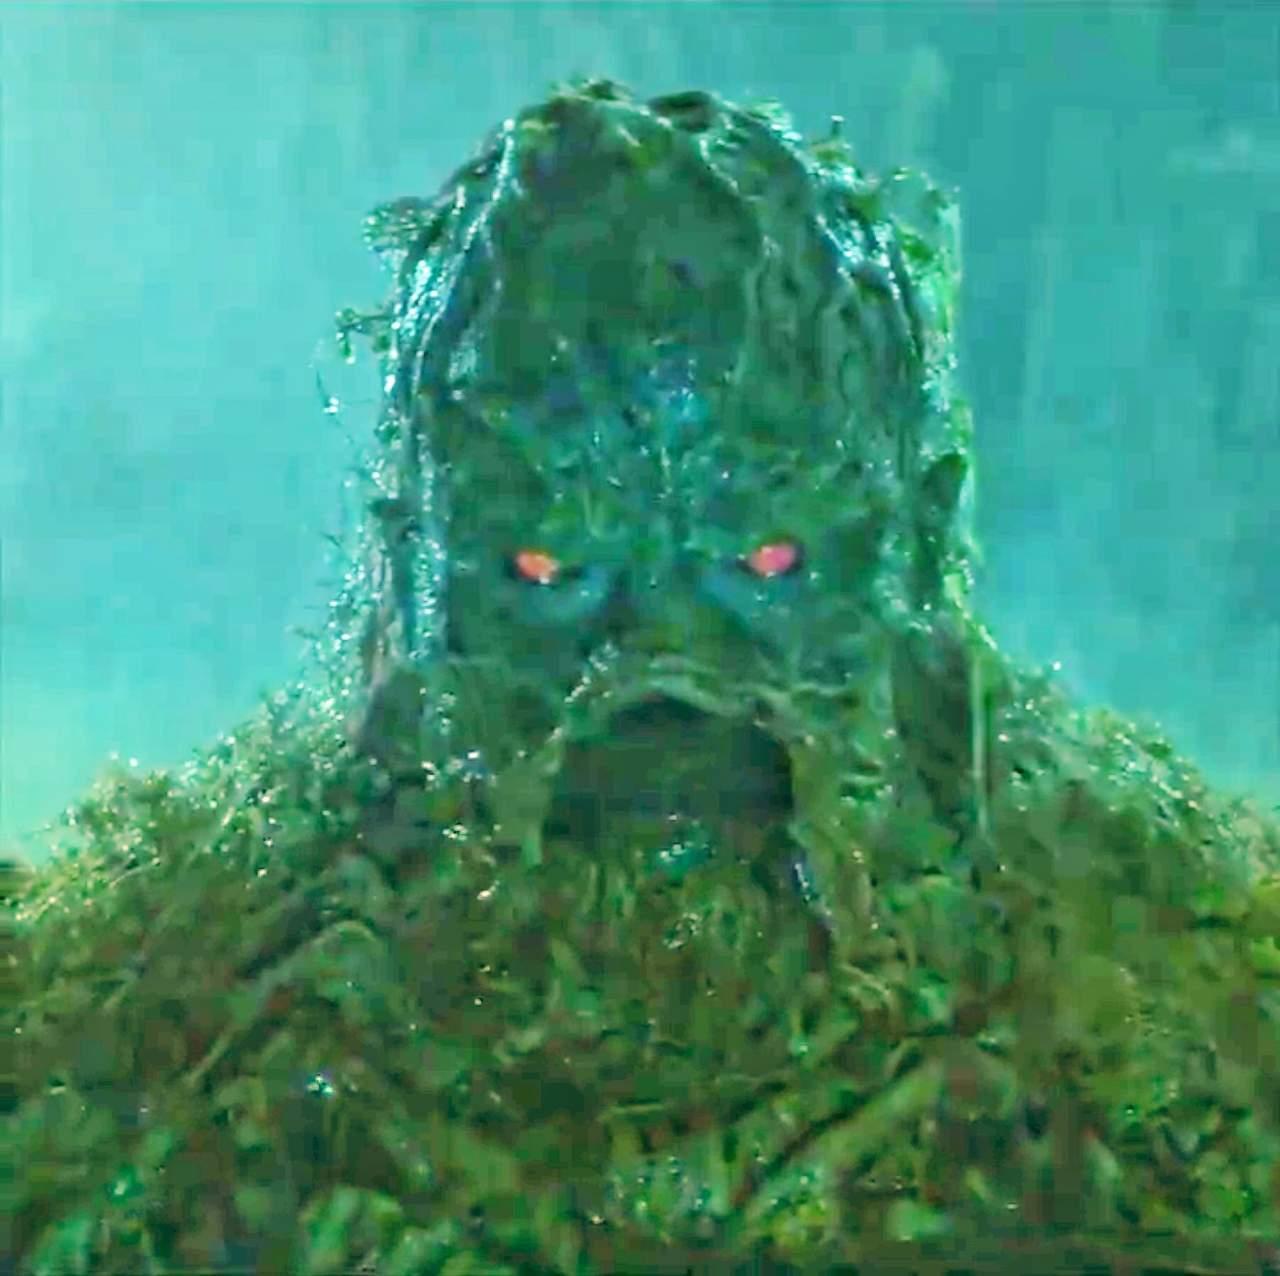 swamp-thing-dc-universe-1167632